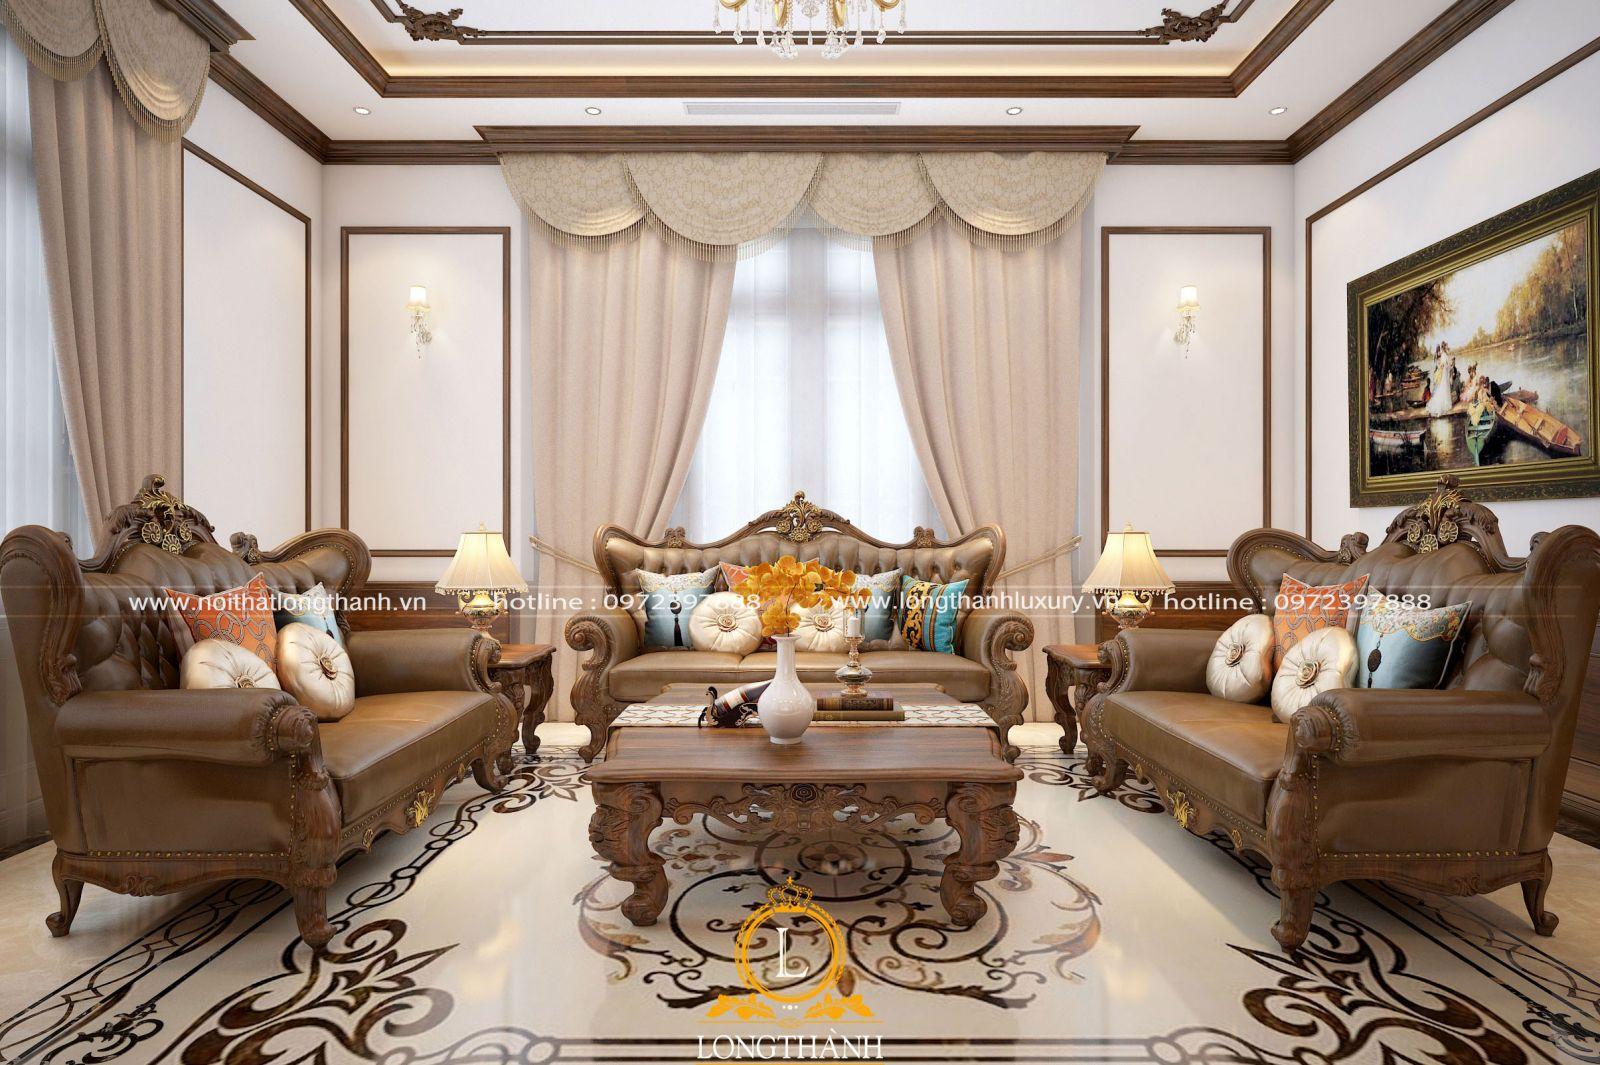 Các phong cách trang trí đẹp cho phòng khách nhà biệt thự